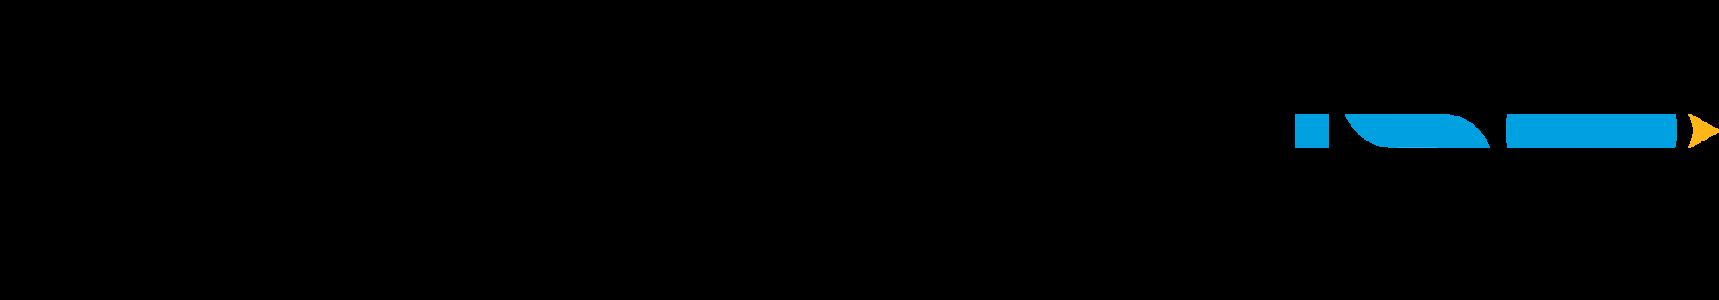 PRIMALGUISE